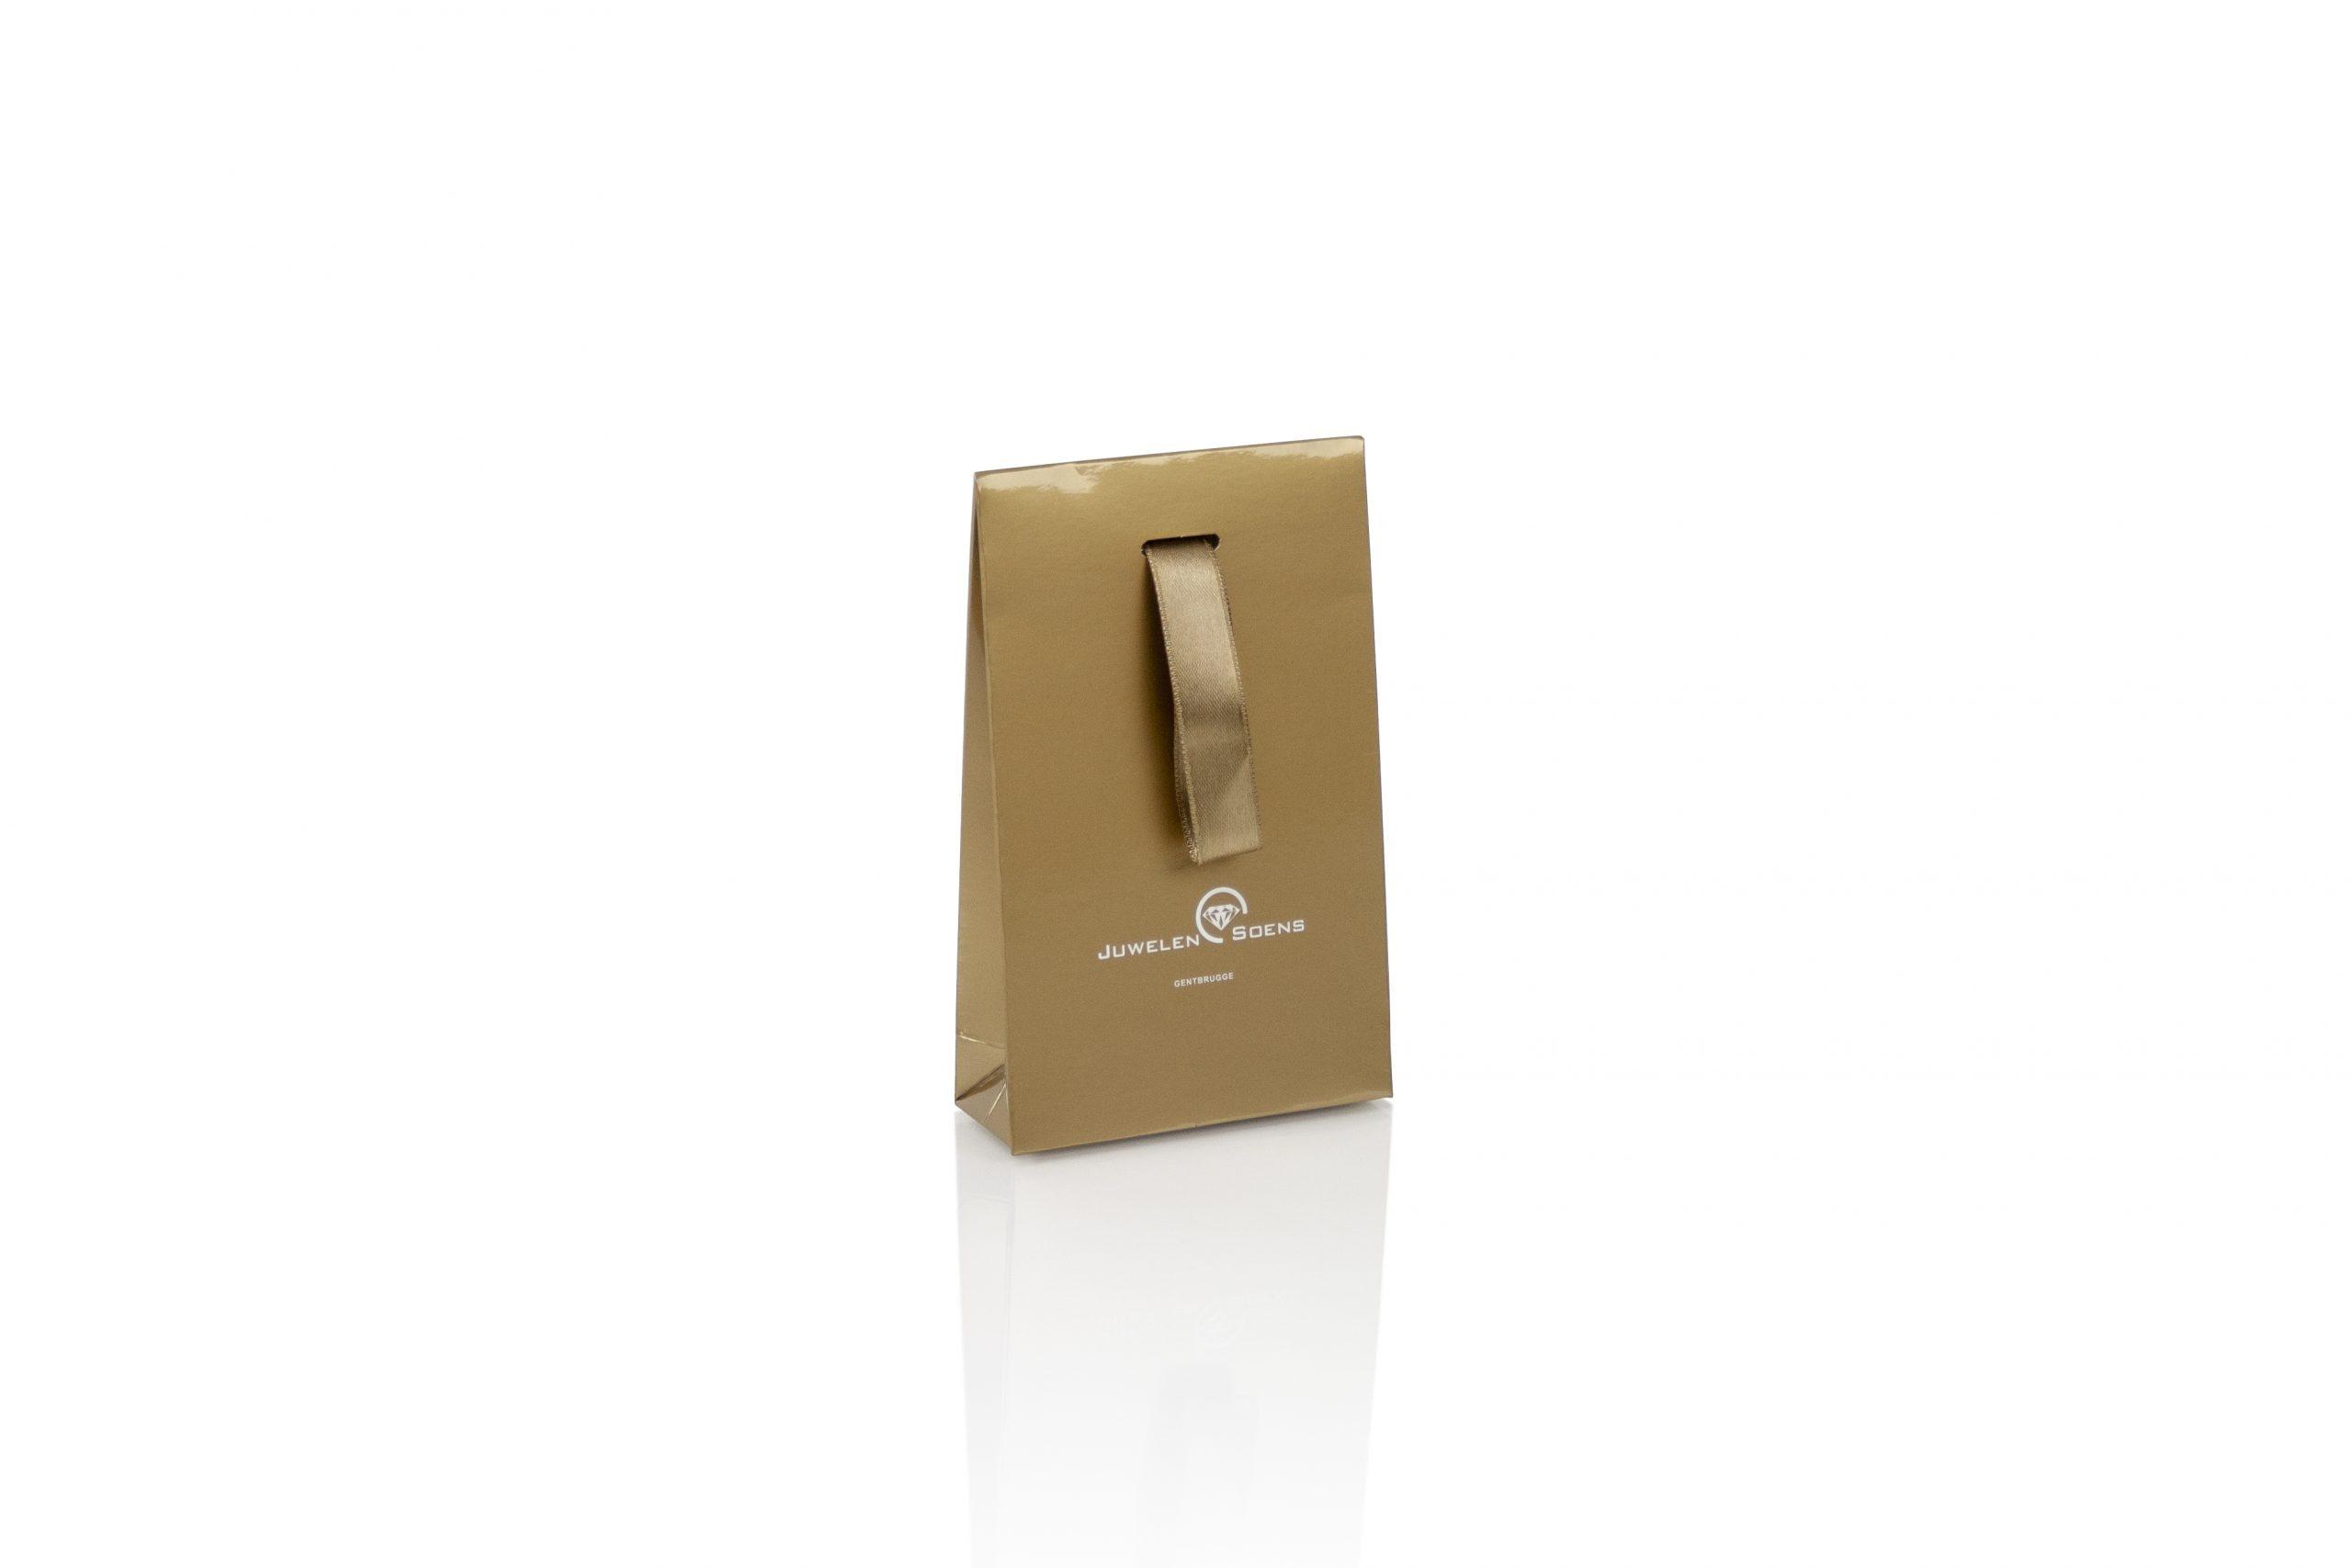 Geschenkdoosjes juwelen gepersonaliseerde verpakking